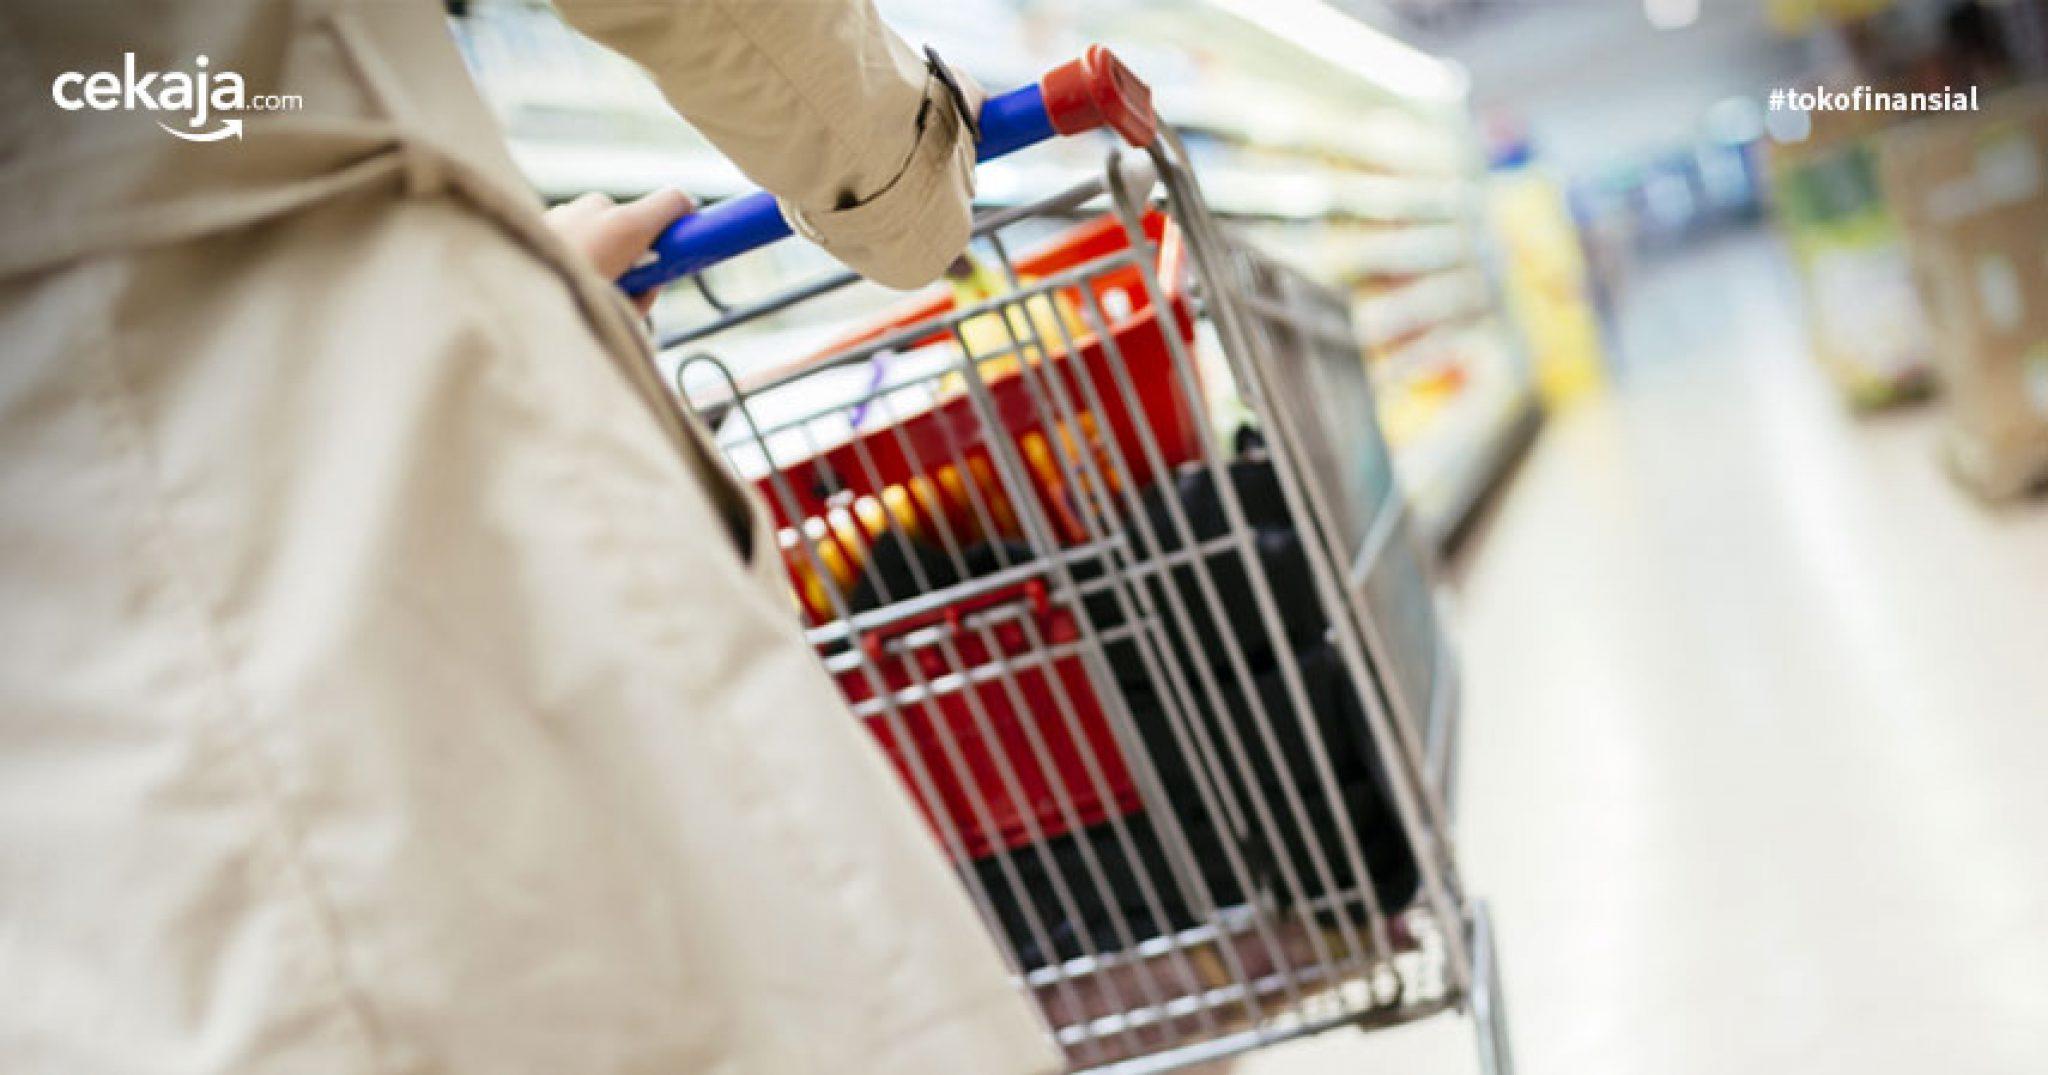 belanja di bulan ramadhan_kartu kredit - CekAja.com